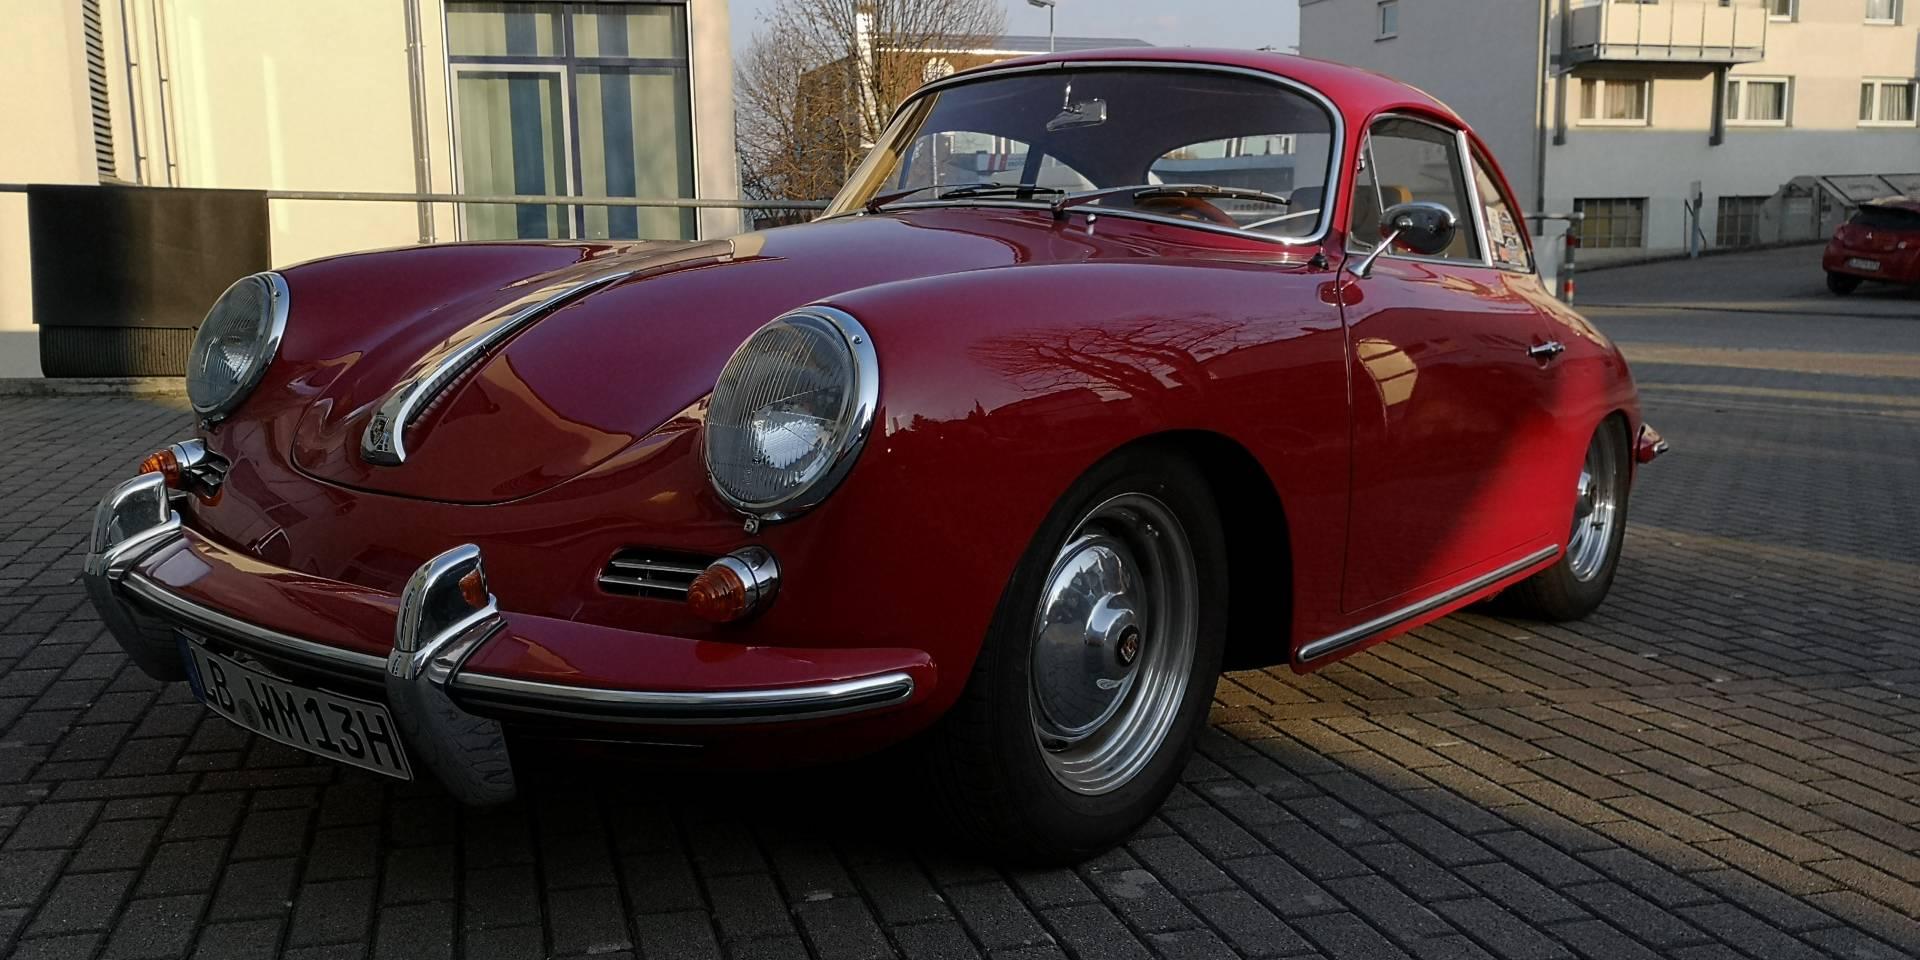 Porsche 356 B 1600 (1962) für EUR 82.500 kaufen